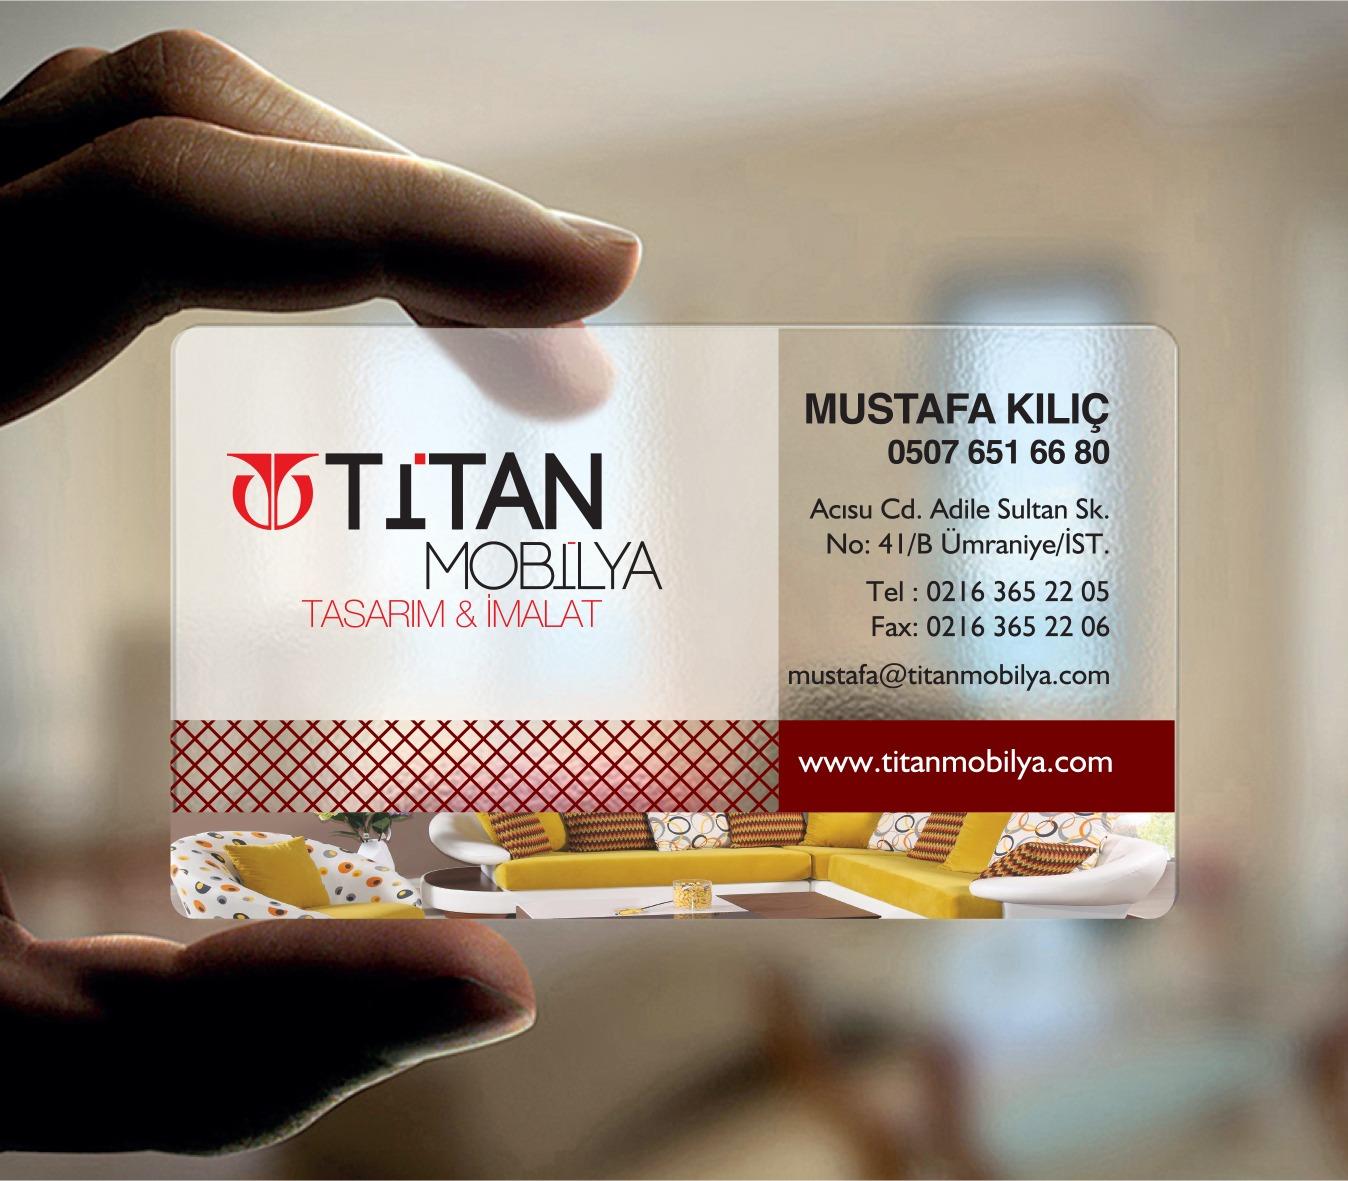 Titan Mobilya Şeffaf Kartvizit Tasarımı